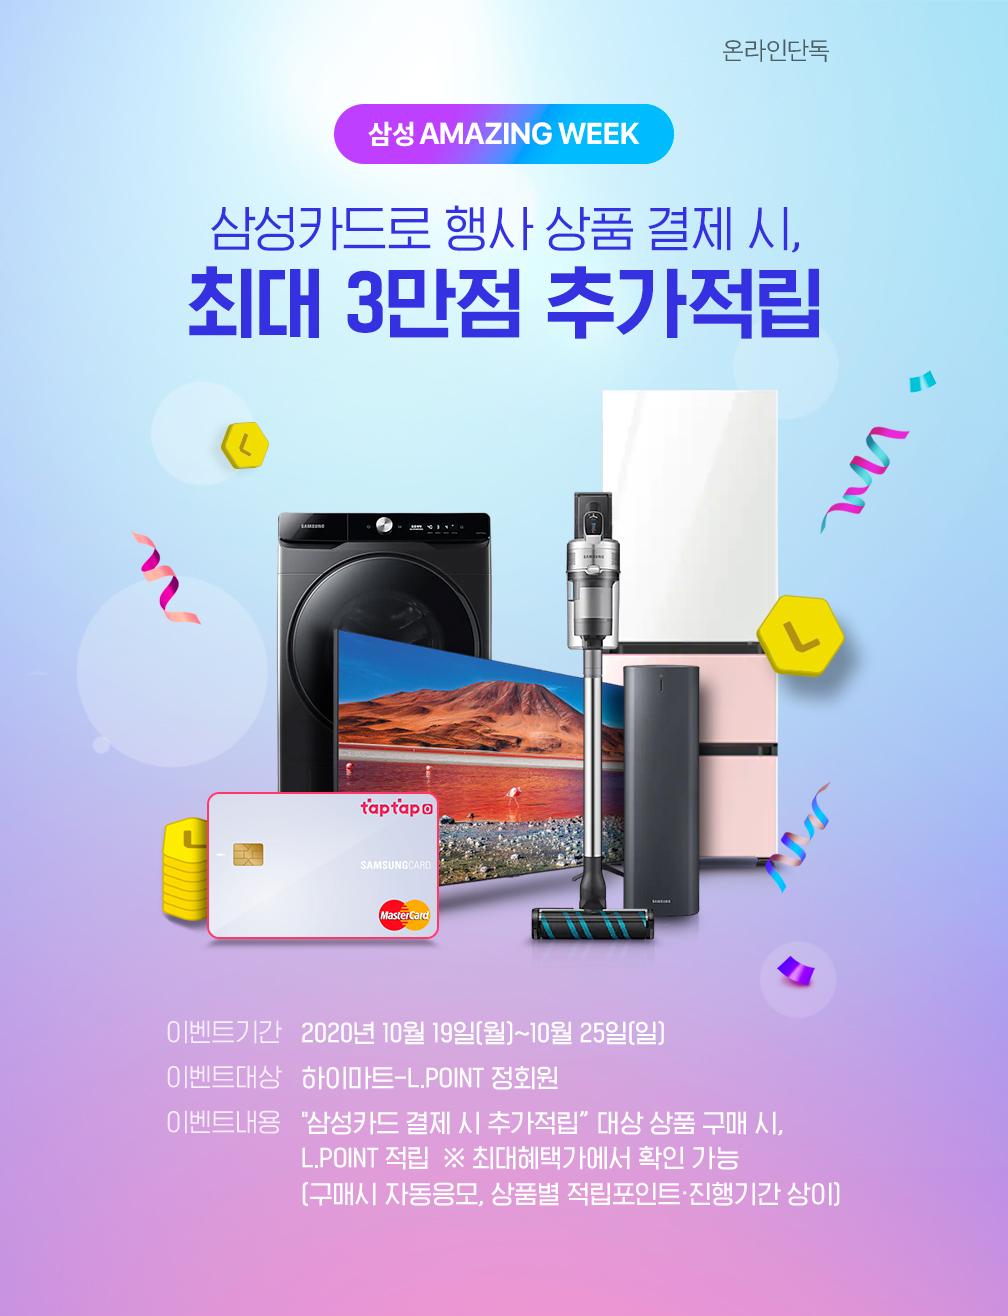 삼성카드로 행사 상품 결제 시, 최대 3만점 추가적립